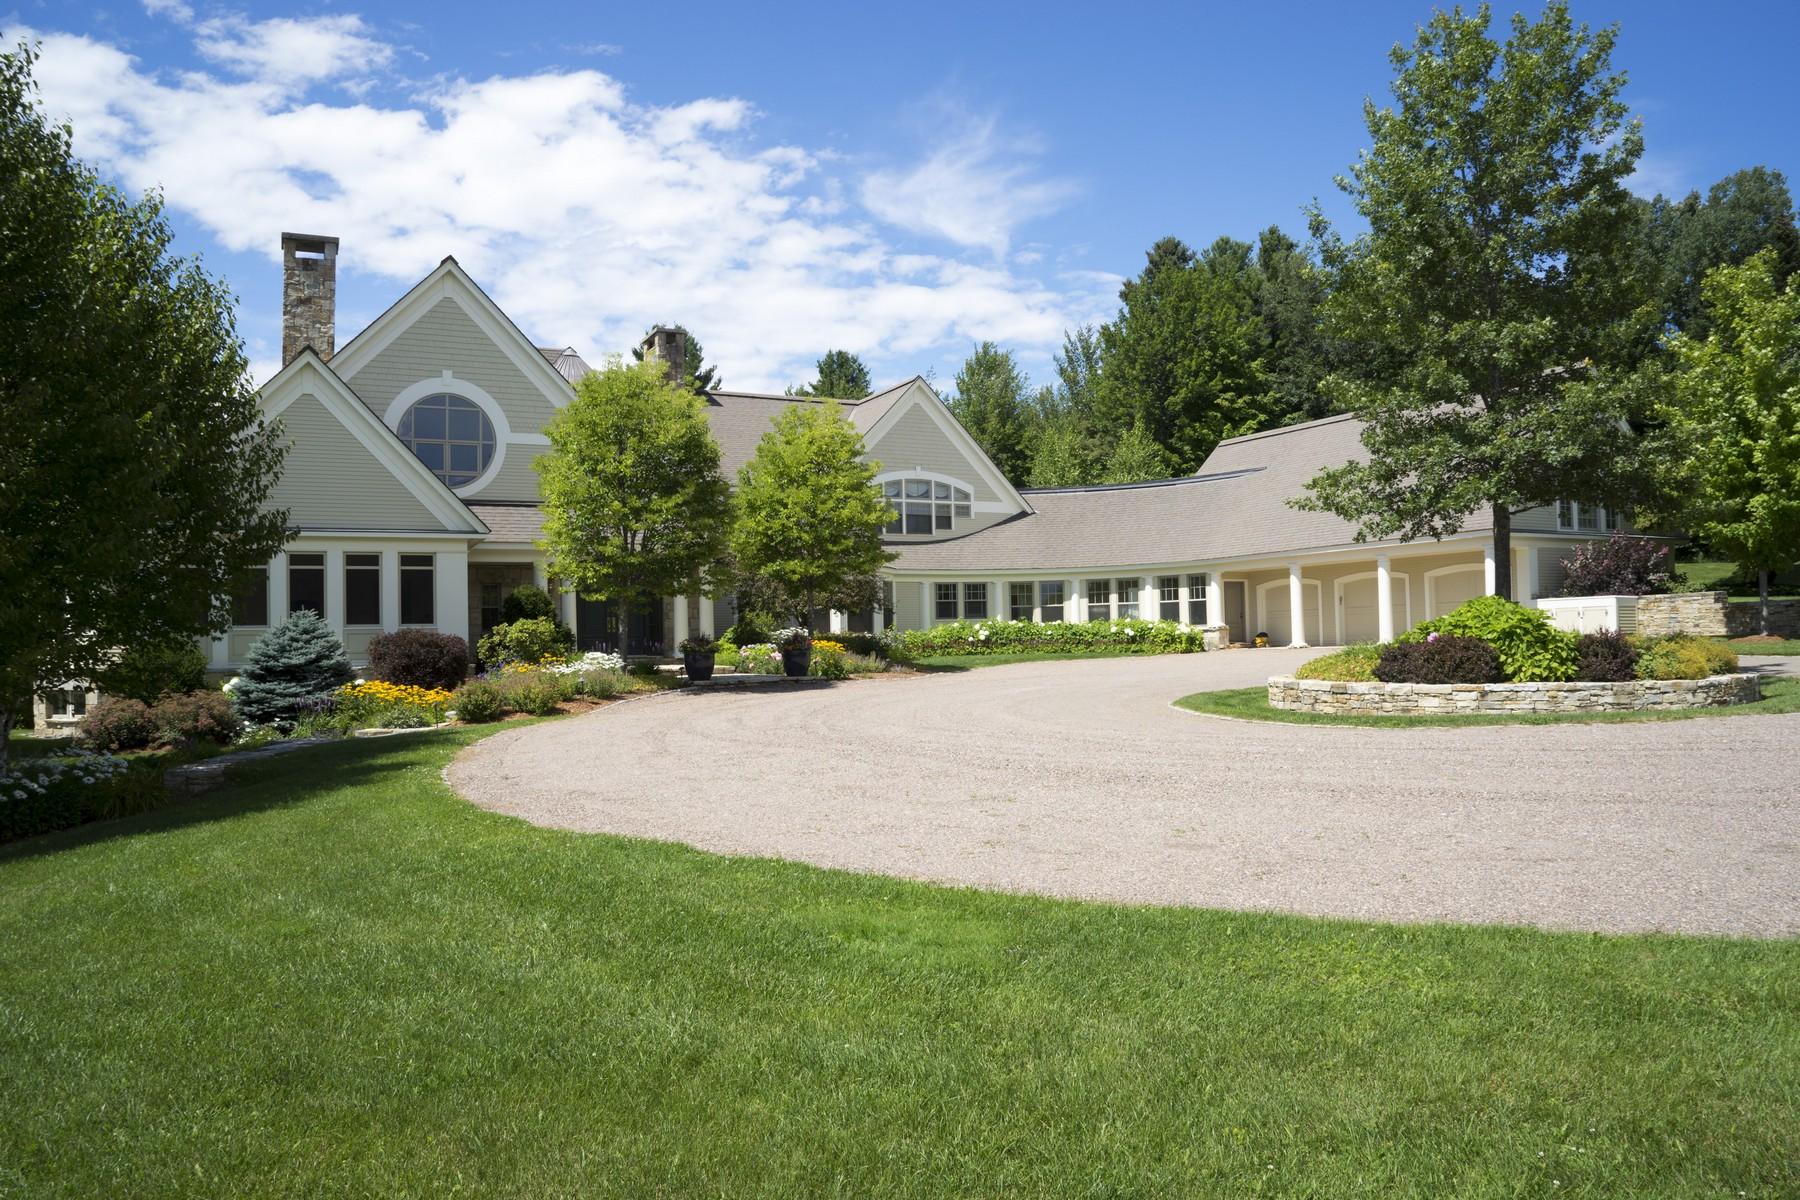 獨棟家庭住宅 為 出售 在 484 Edson Hill Road, Stowe 484 Edson Hill Rd Stowe, 佛蒙特州 05672 美國